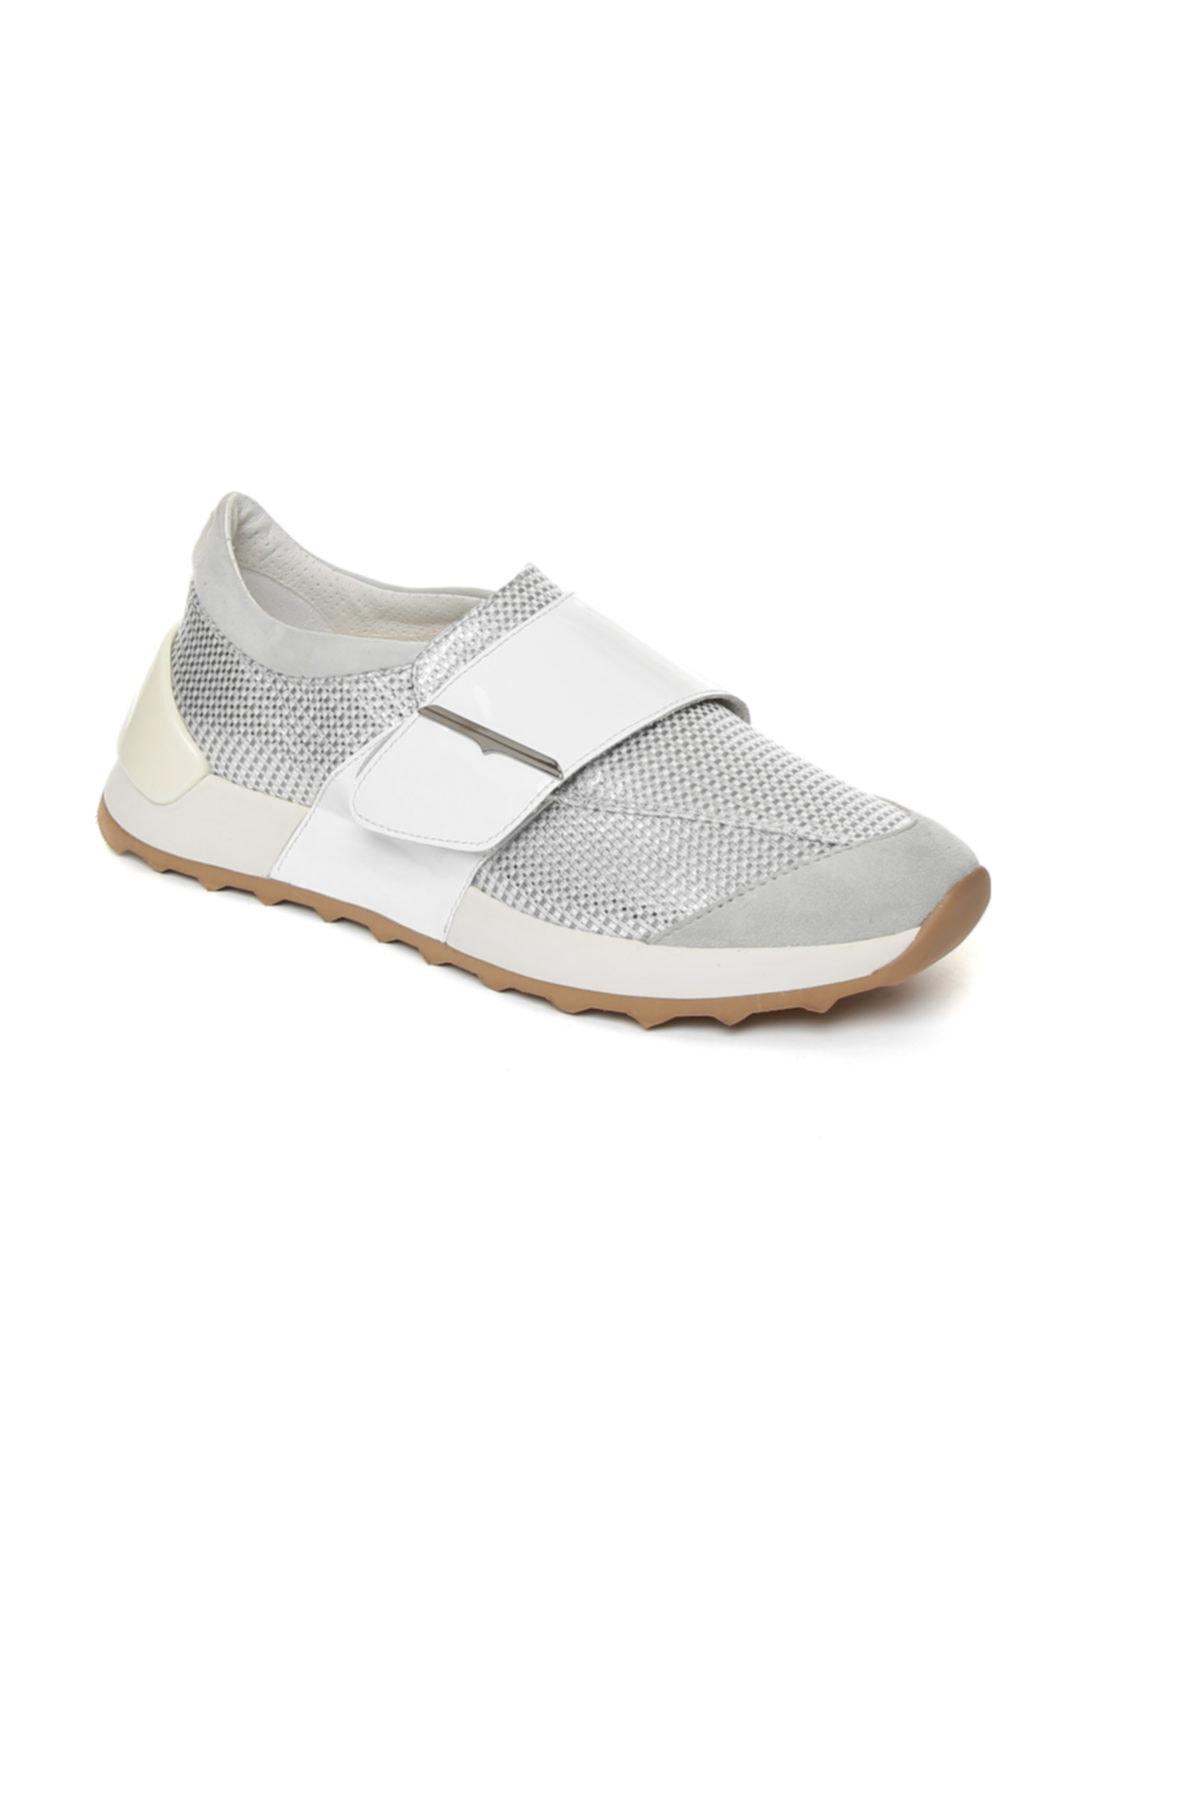 ALBERTO GUARDIANI Kadın Gümüş Renk Casual Ayakkabı 1